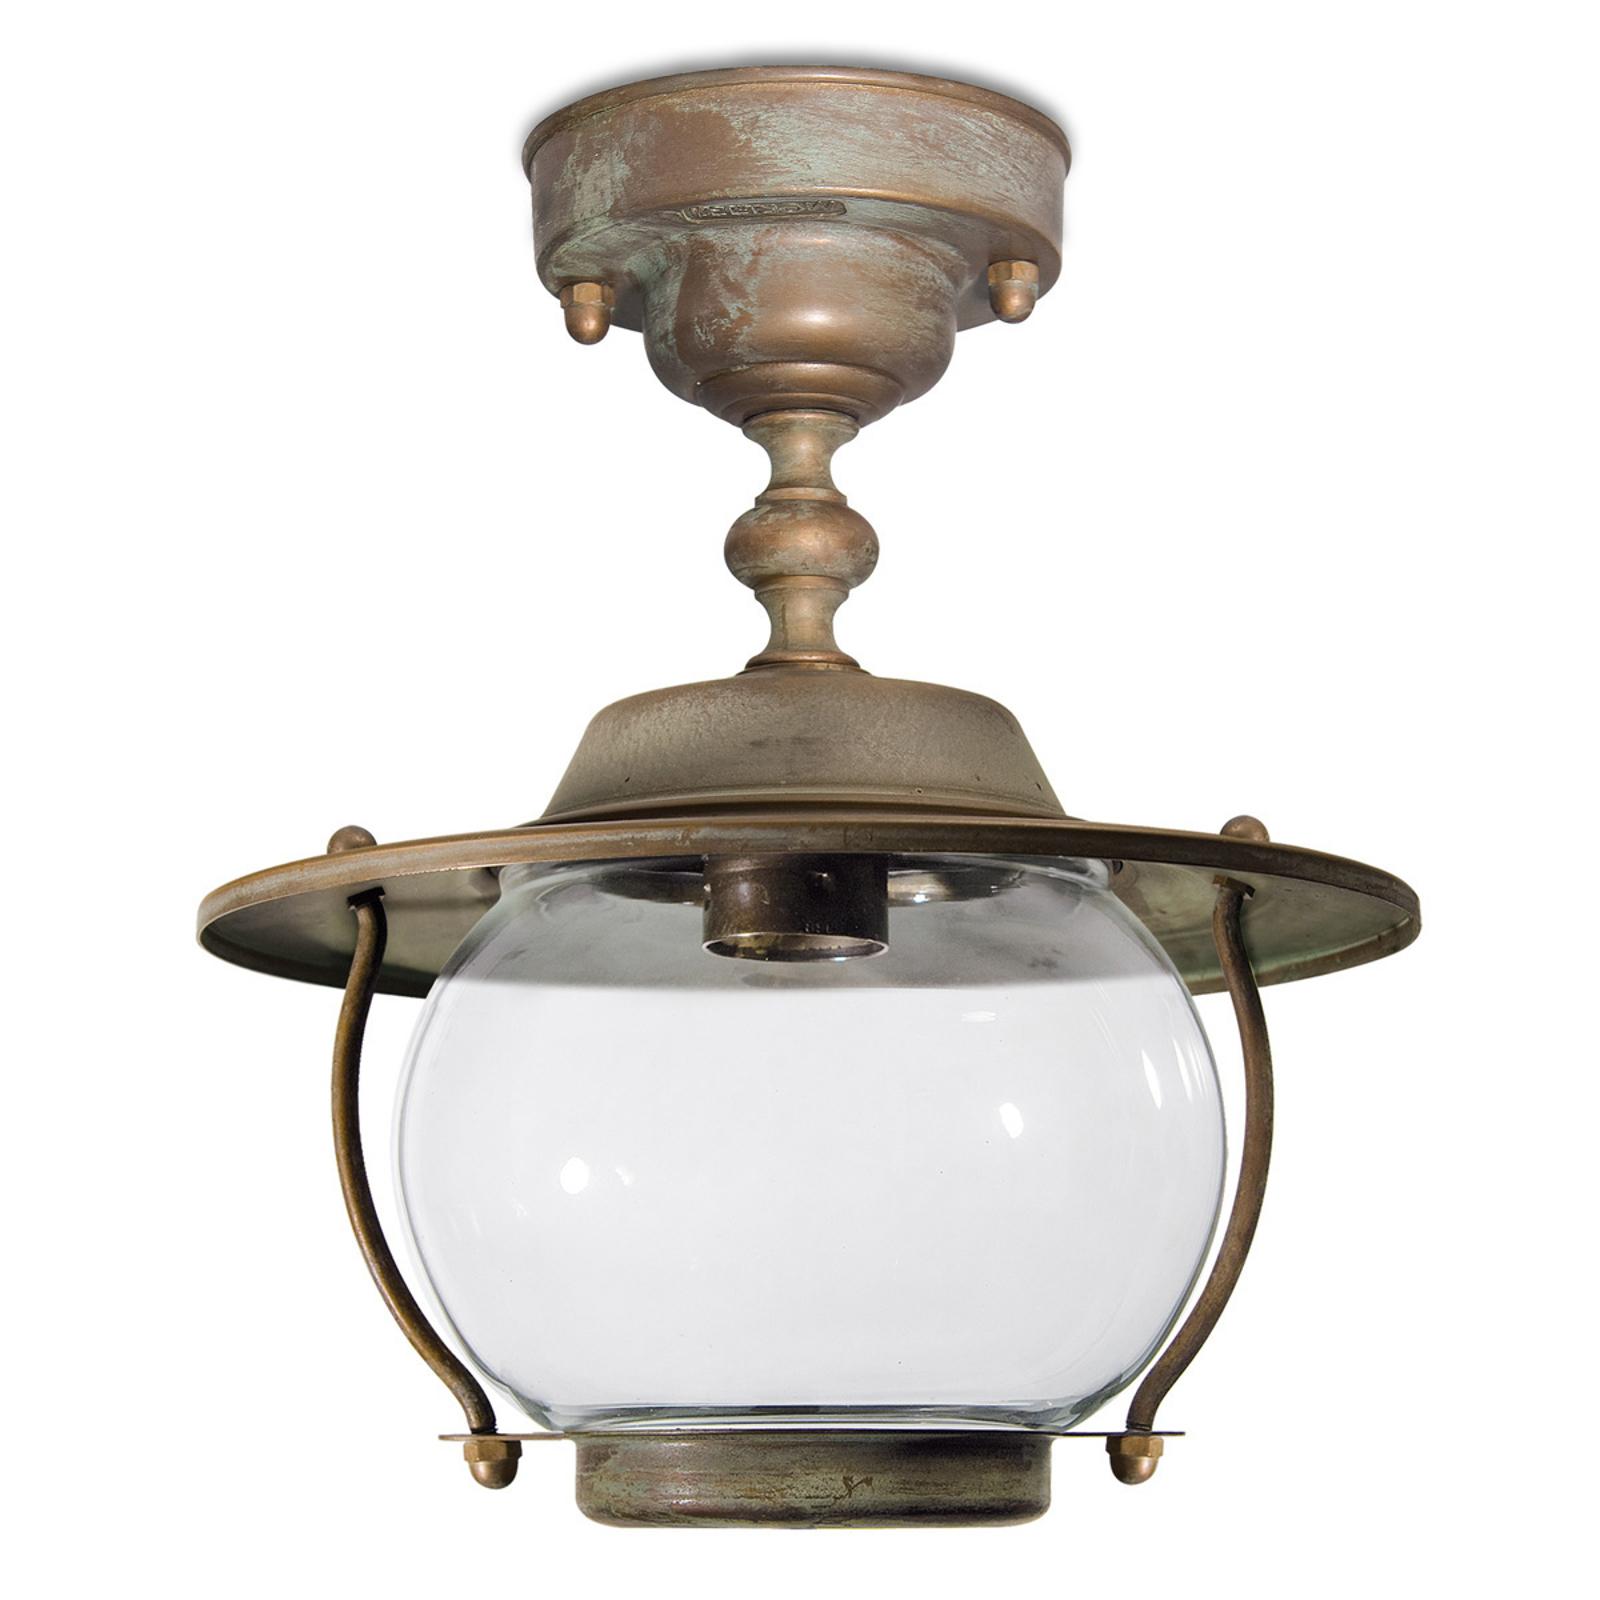 Lampa sufitowa zewnętrzna Adessora Ø 26,5 cm